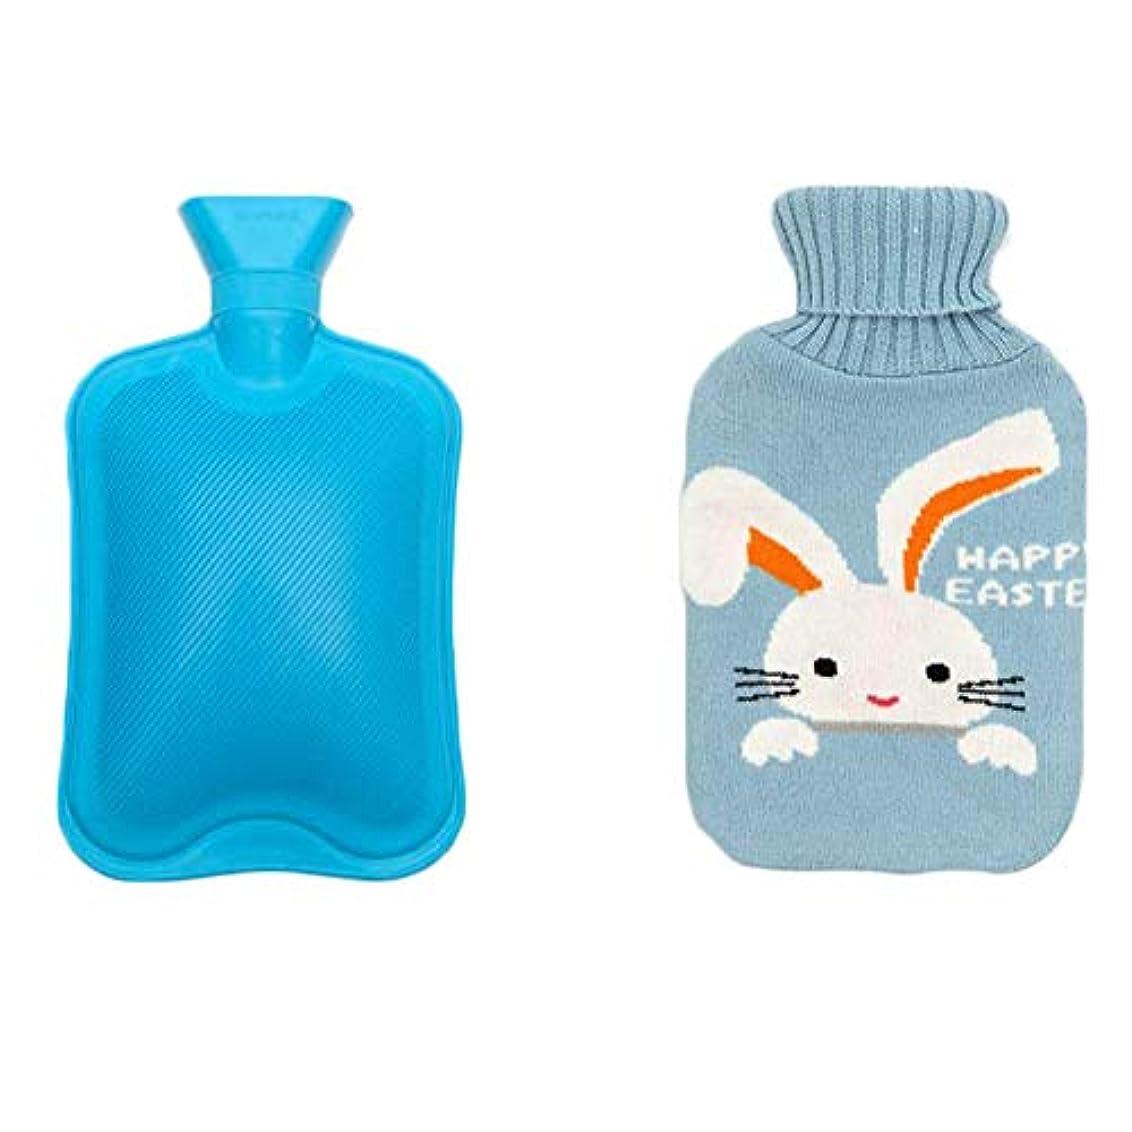 革新マルコポーロステープルかわいいウサギのデザイン 冬のホットボトル1リットル